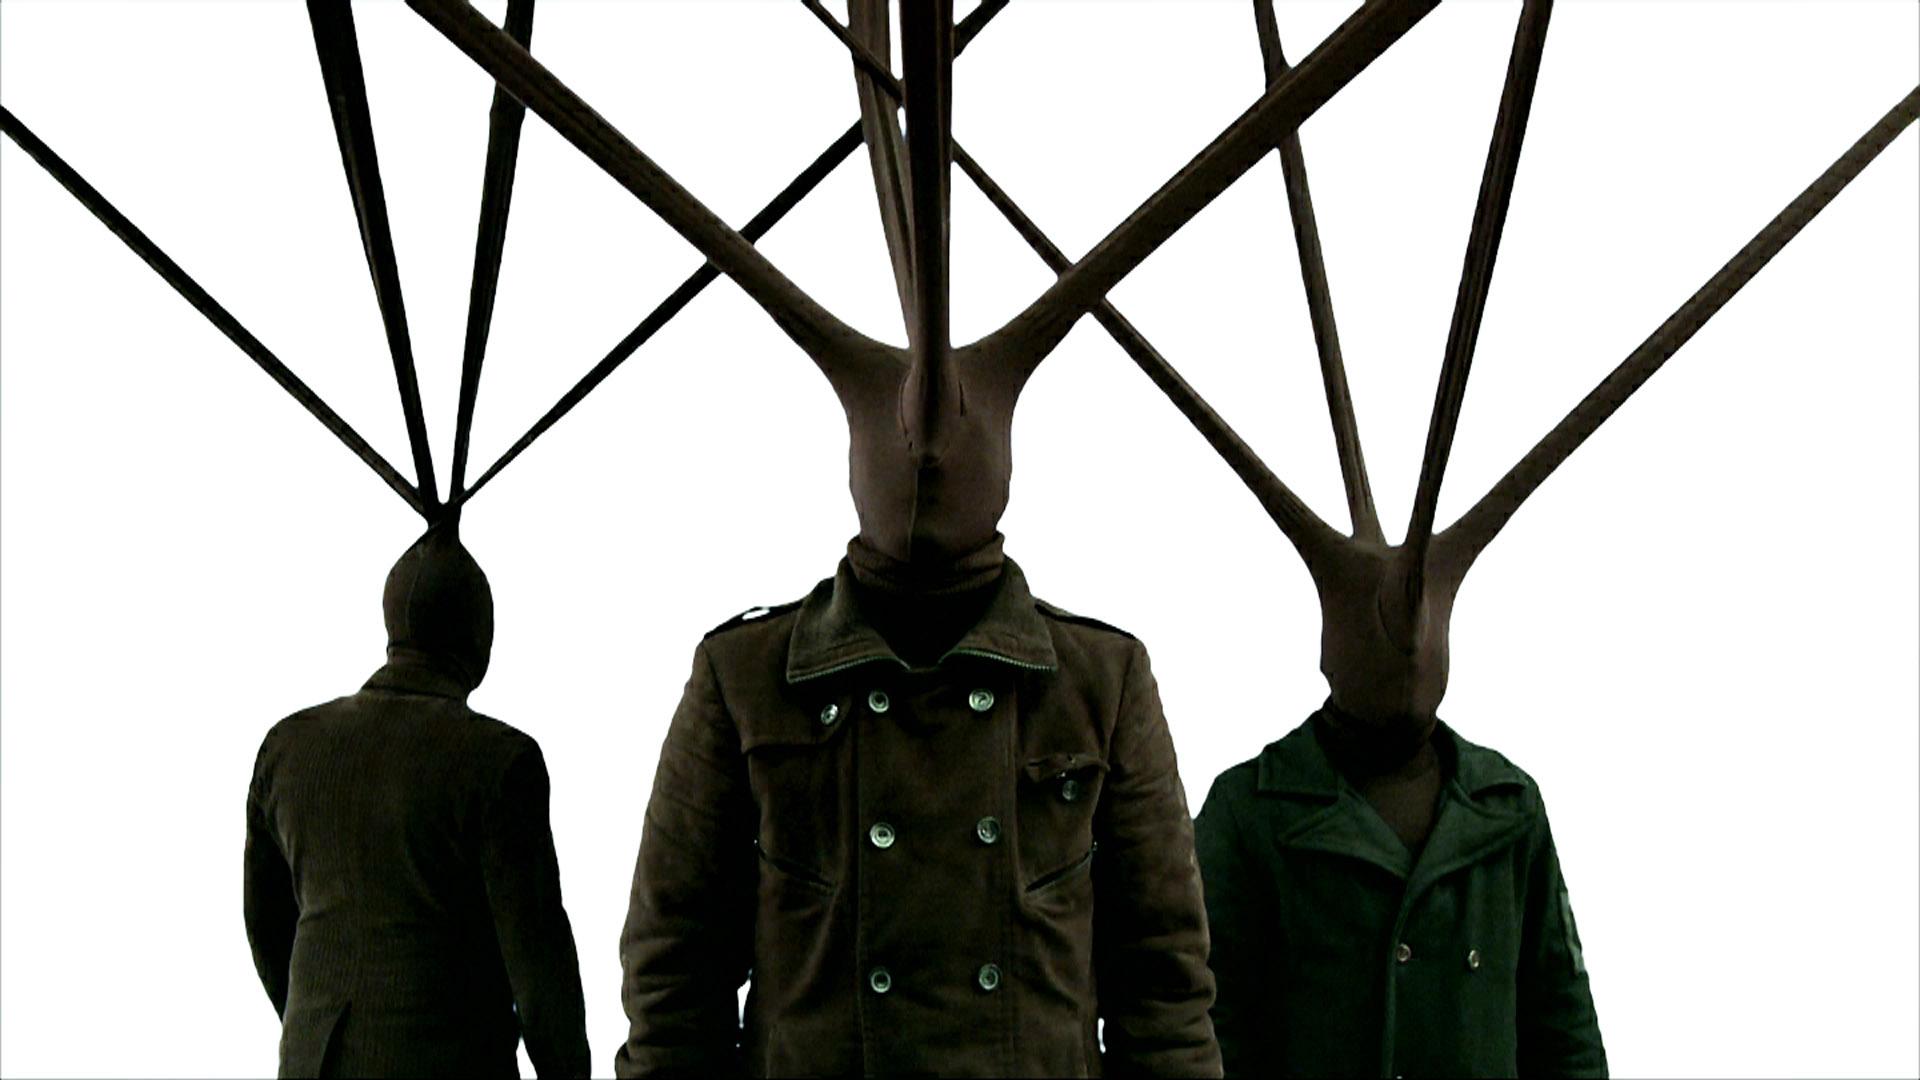 Paolo Grassino, Controllo del corpo, 2010, video still